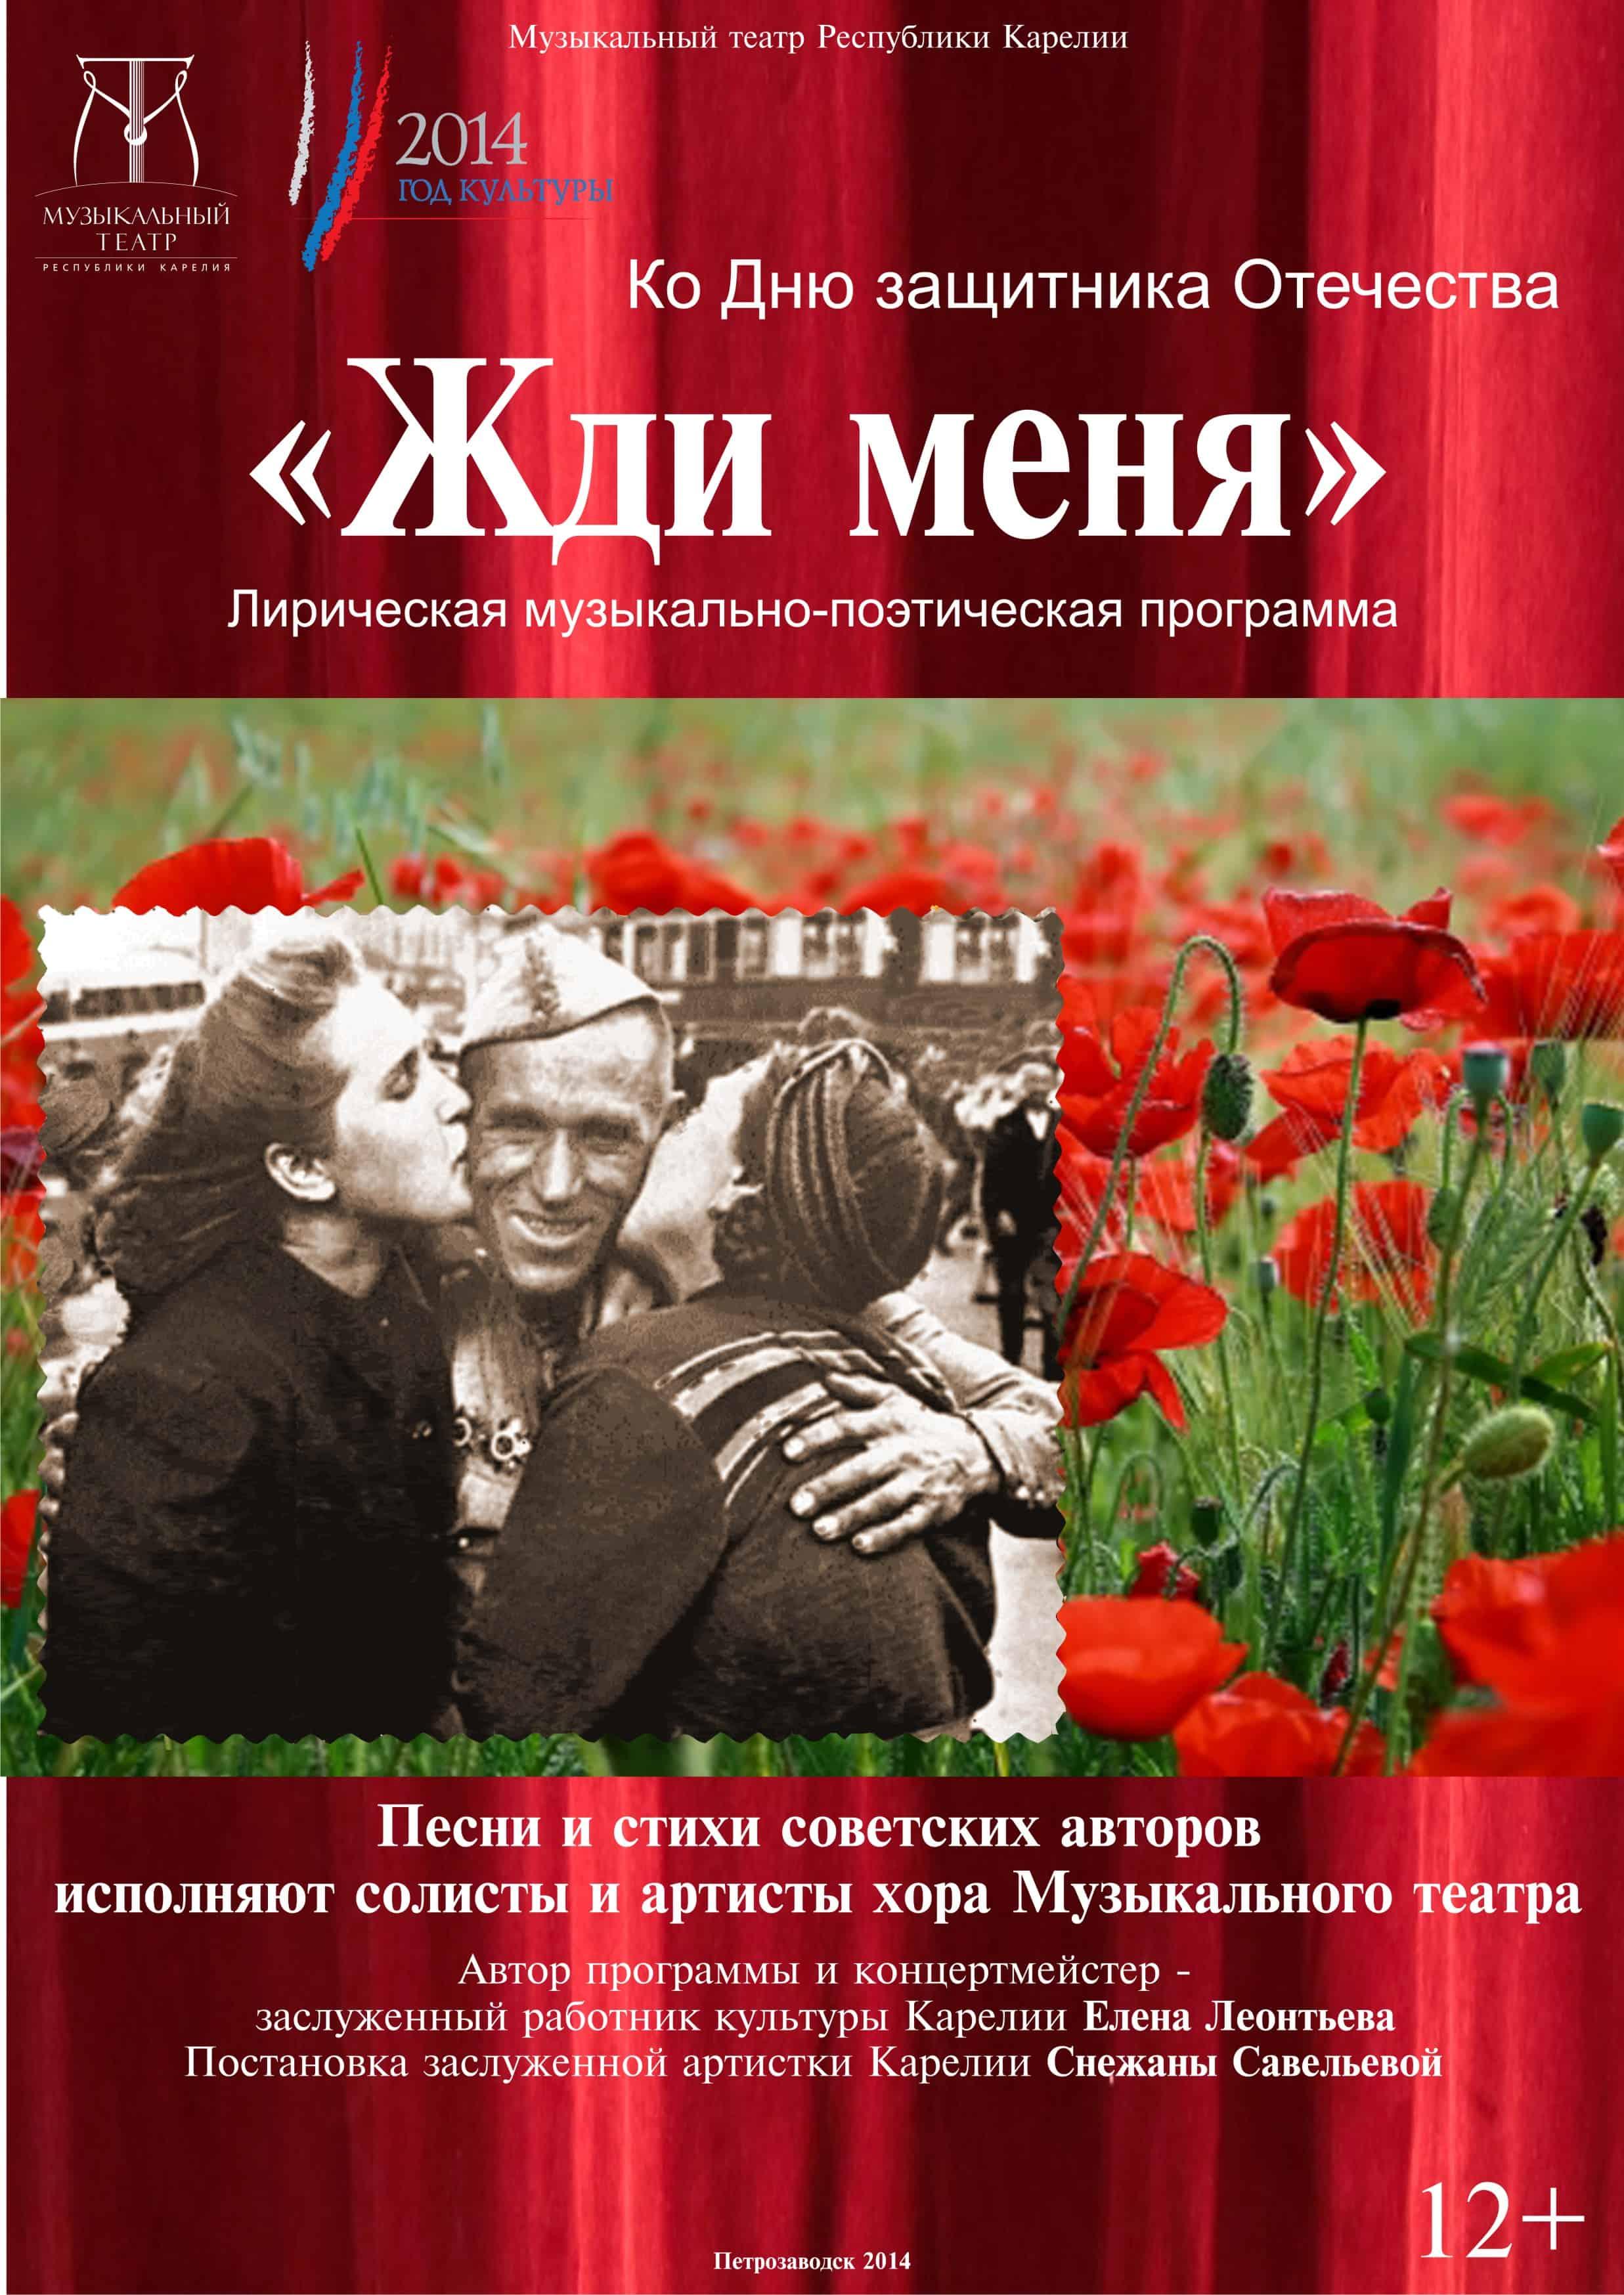 Музыкальный театр Карелии начинает гастрольный тур «Маршрут Победы»